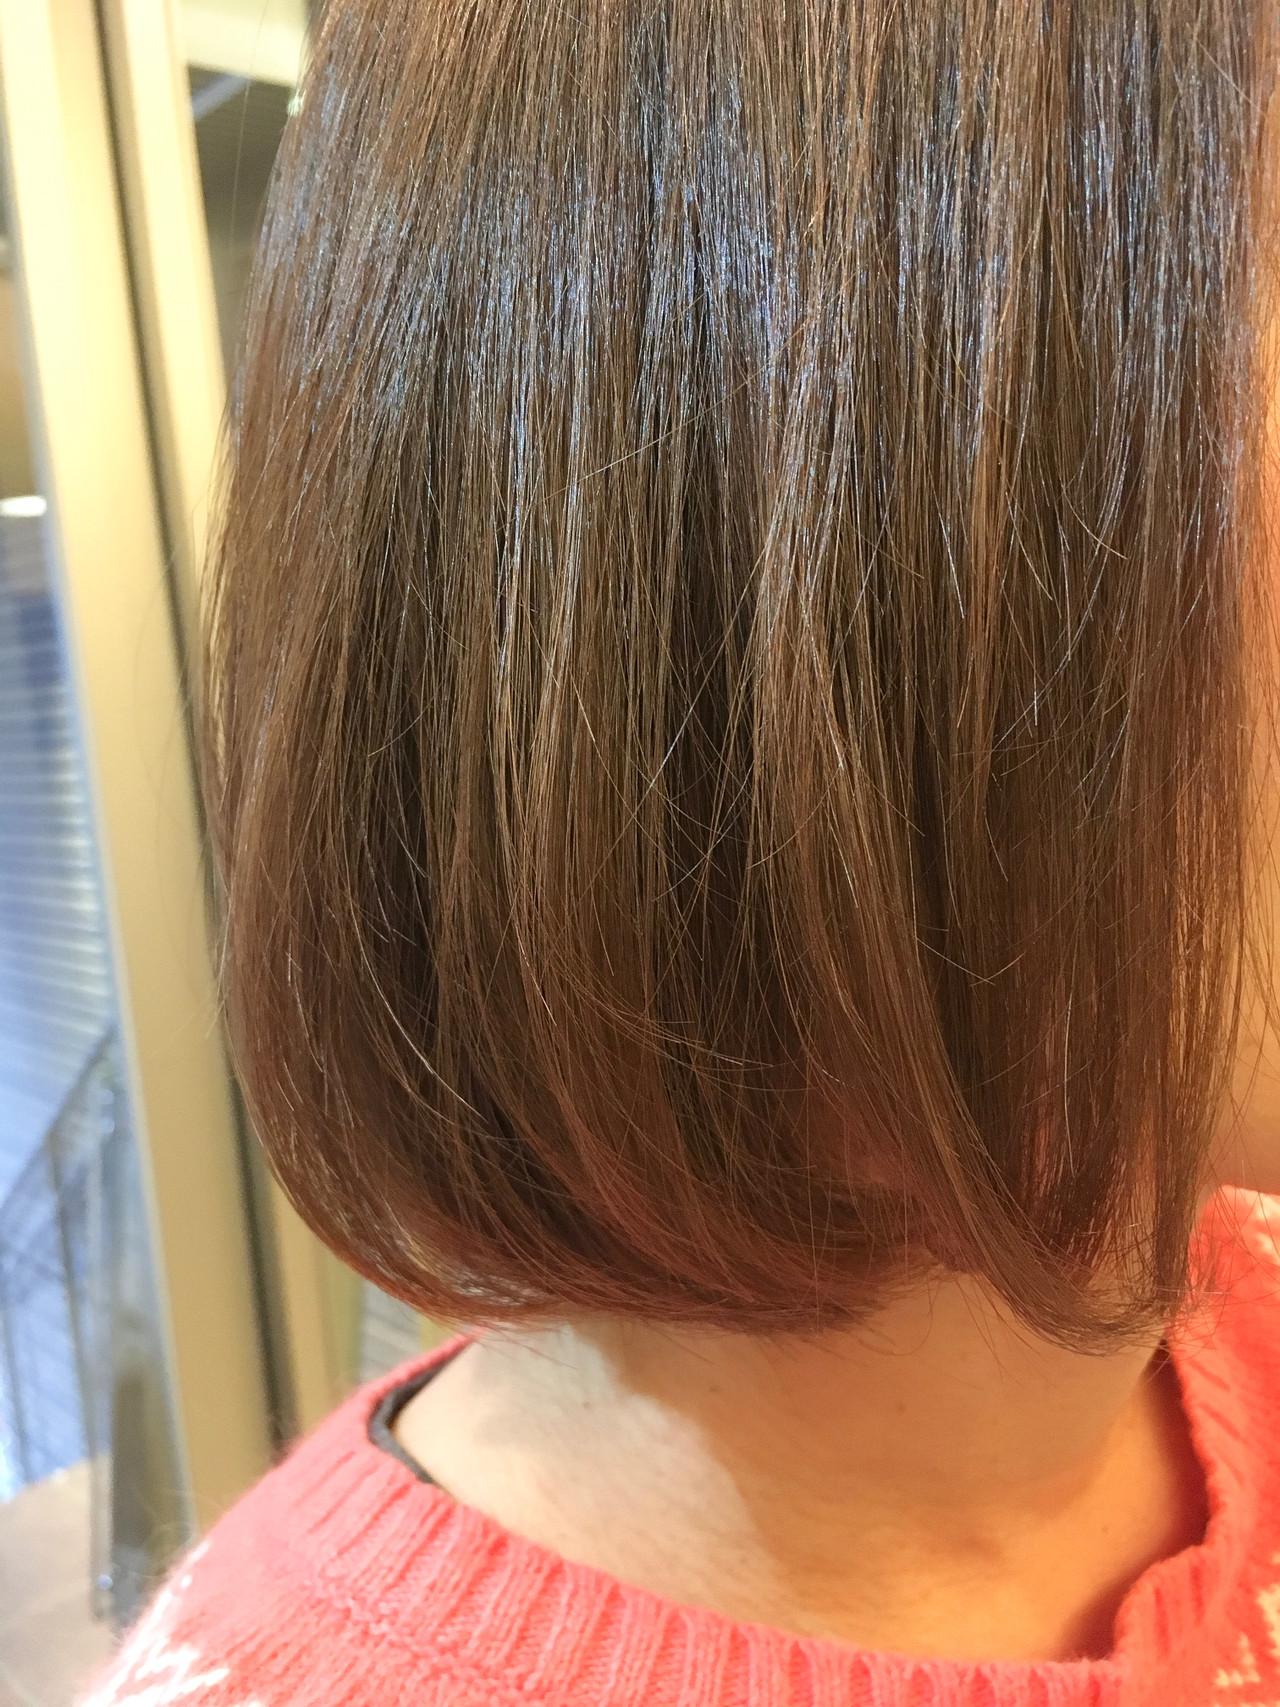 ナチュラル スライシングハイライト 3Dハイライト ハイライト ヘアスタイルや髪型の写真・画像 | 《町田の美容師》キタダヒロキ / Hair Frais Make